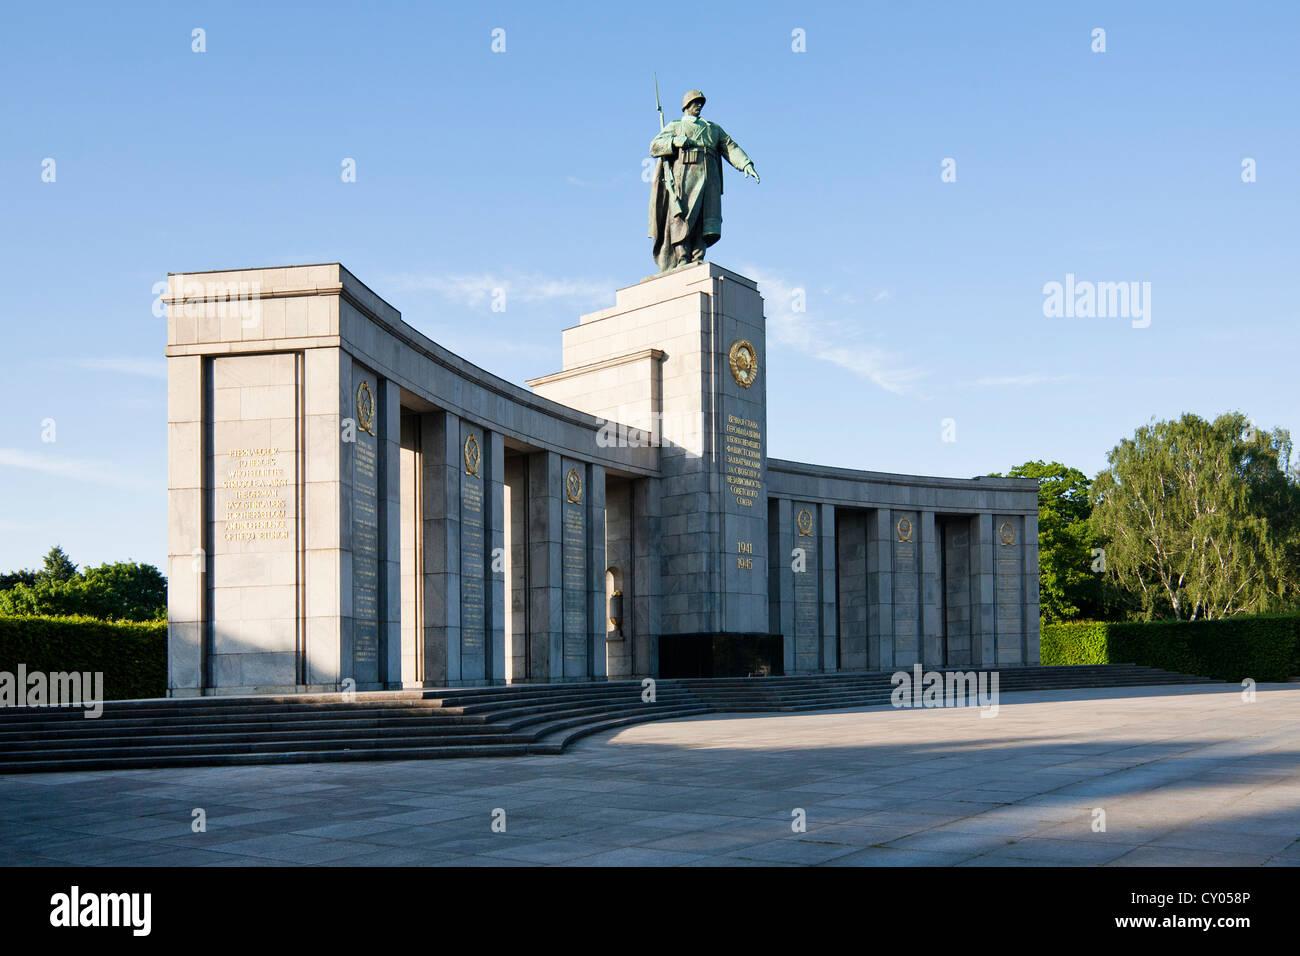 Soviet War Memorial, Grosser Tiergarten, Strasse des 17. Juni Street, Tiergarten district, Berlin - Stock Image